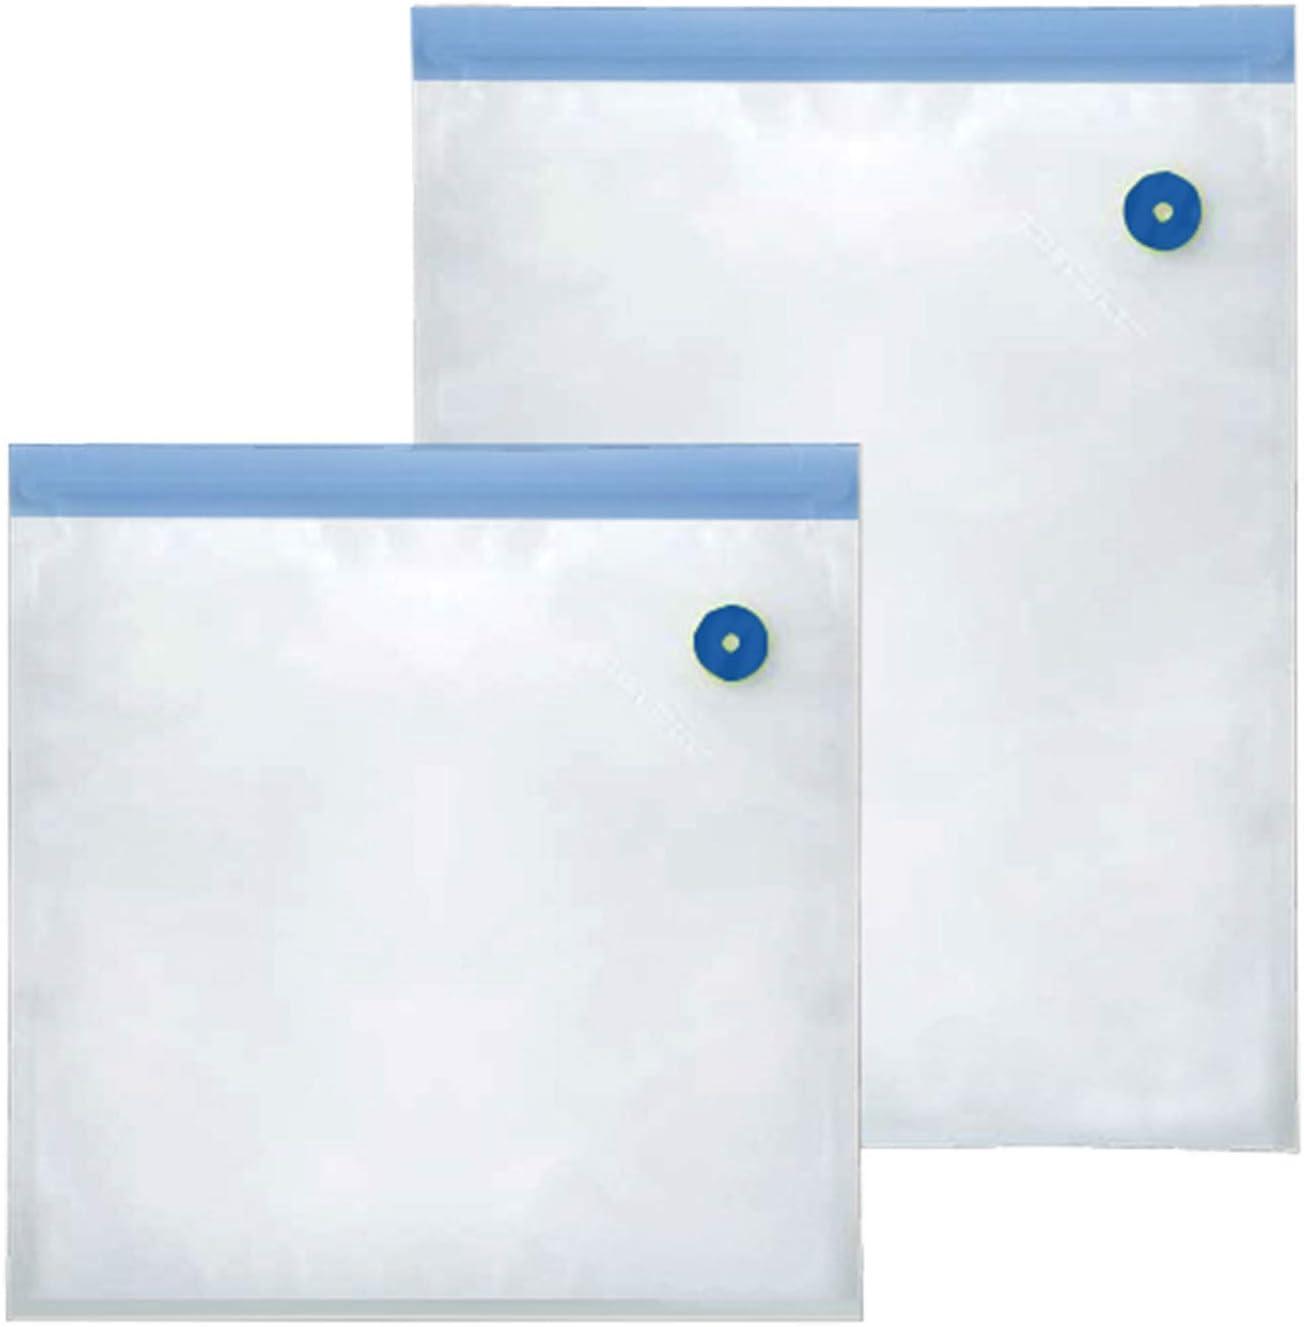 3 x sacchetti sottovuoto riutilizzabili Pompa Vitamix per Frullatore BioChef Vacuum Adattatore per frullatore Nero Kit Biochef Vacuum Contenitore Adattatore per sacchetti sottovuoto